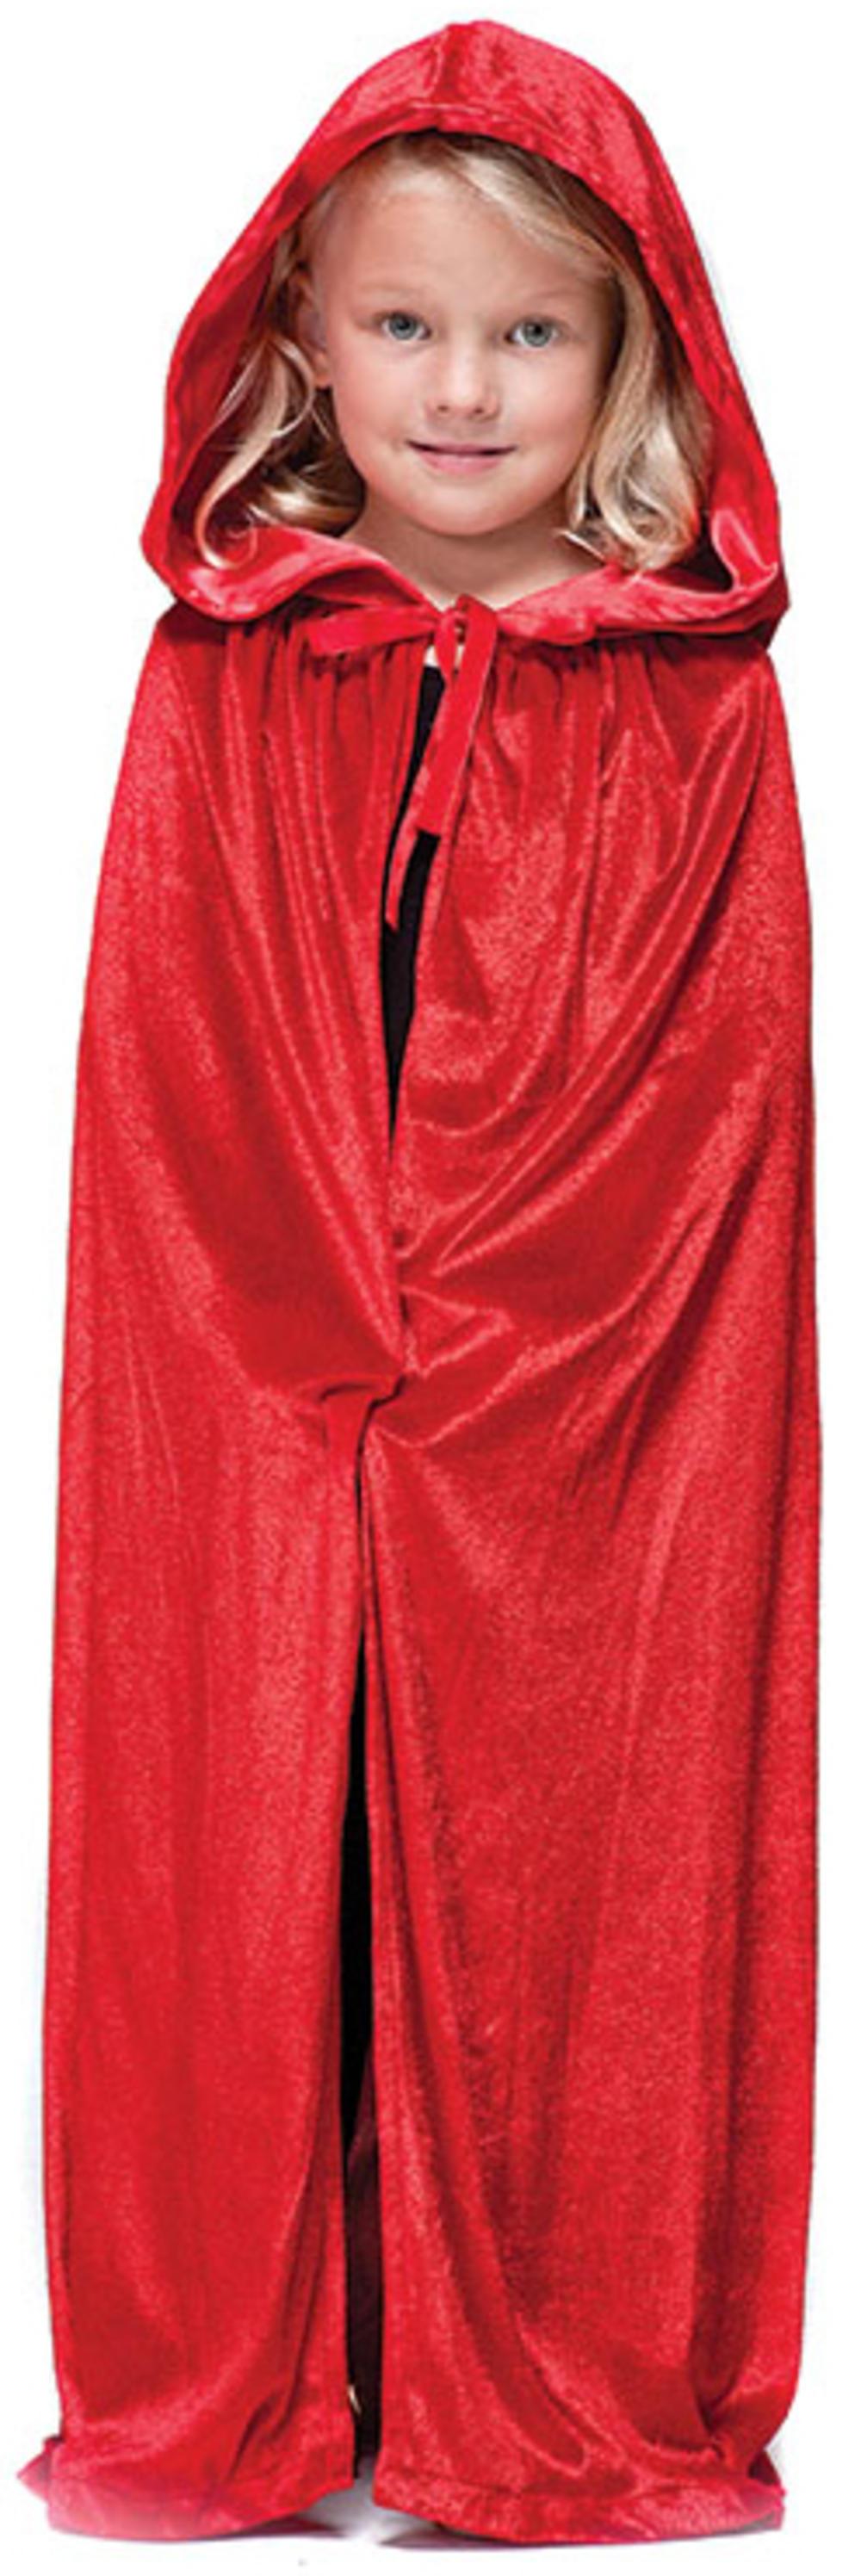 Red Velvet Hooded Cloak Costume Accessory